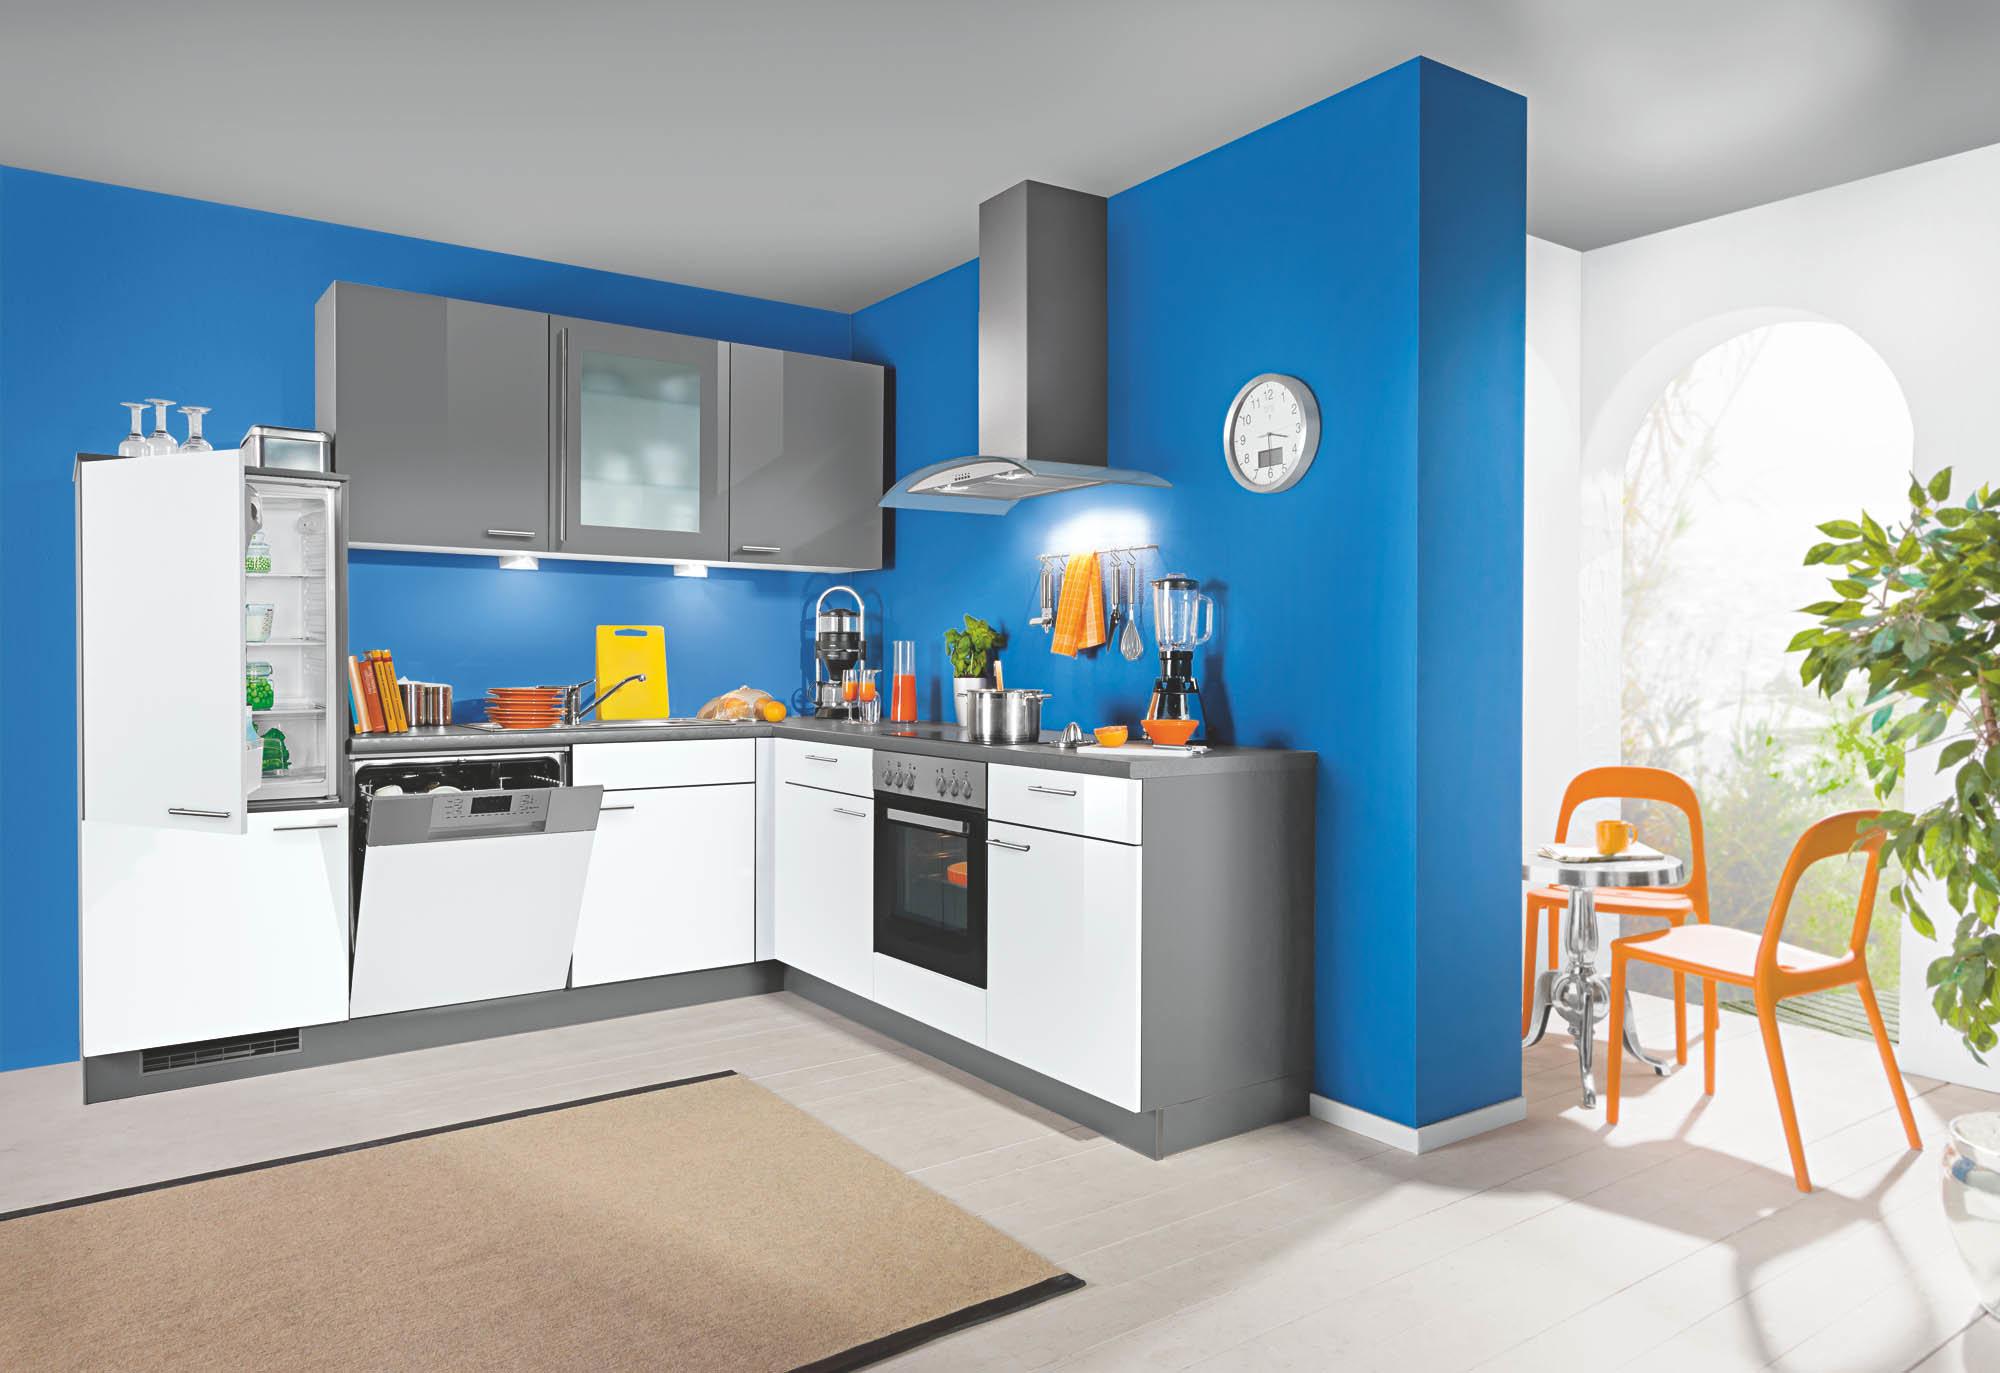 Full Size of Küche Blau L Kche Grau Fr Nur 1444 Bei Der Wahren Kuechen Boerse Vorratsdosen Wandpaneel Glas Arbeitstisch Rustikal Industriedesign Wandregal Einbauküche Wohnzimmer Küche Blau